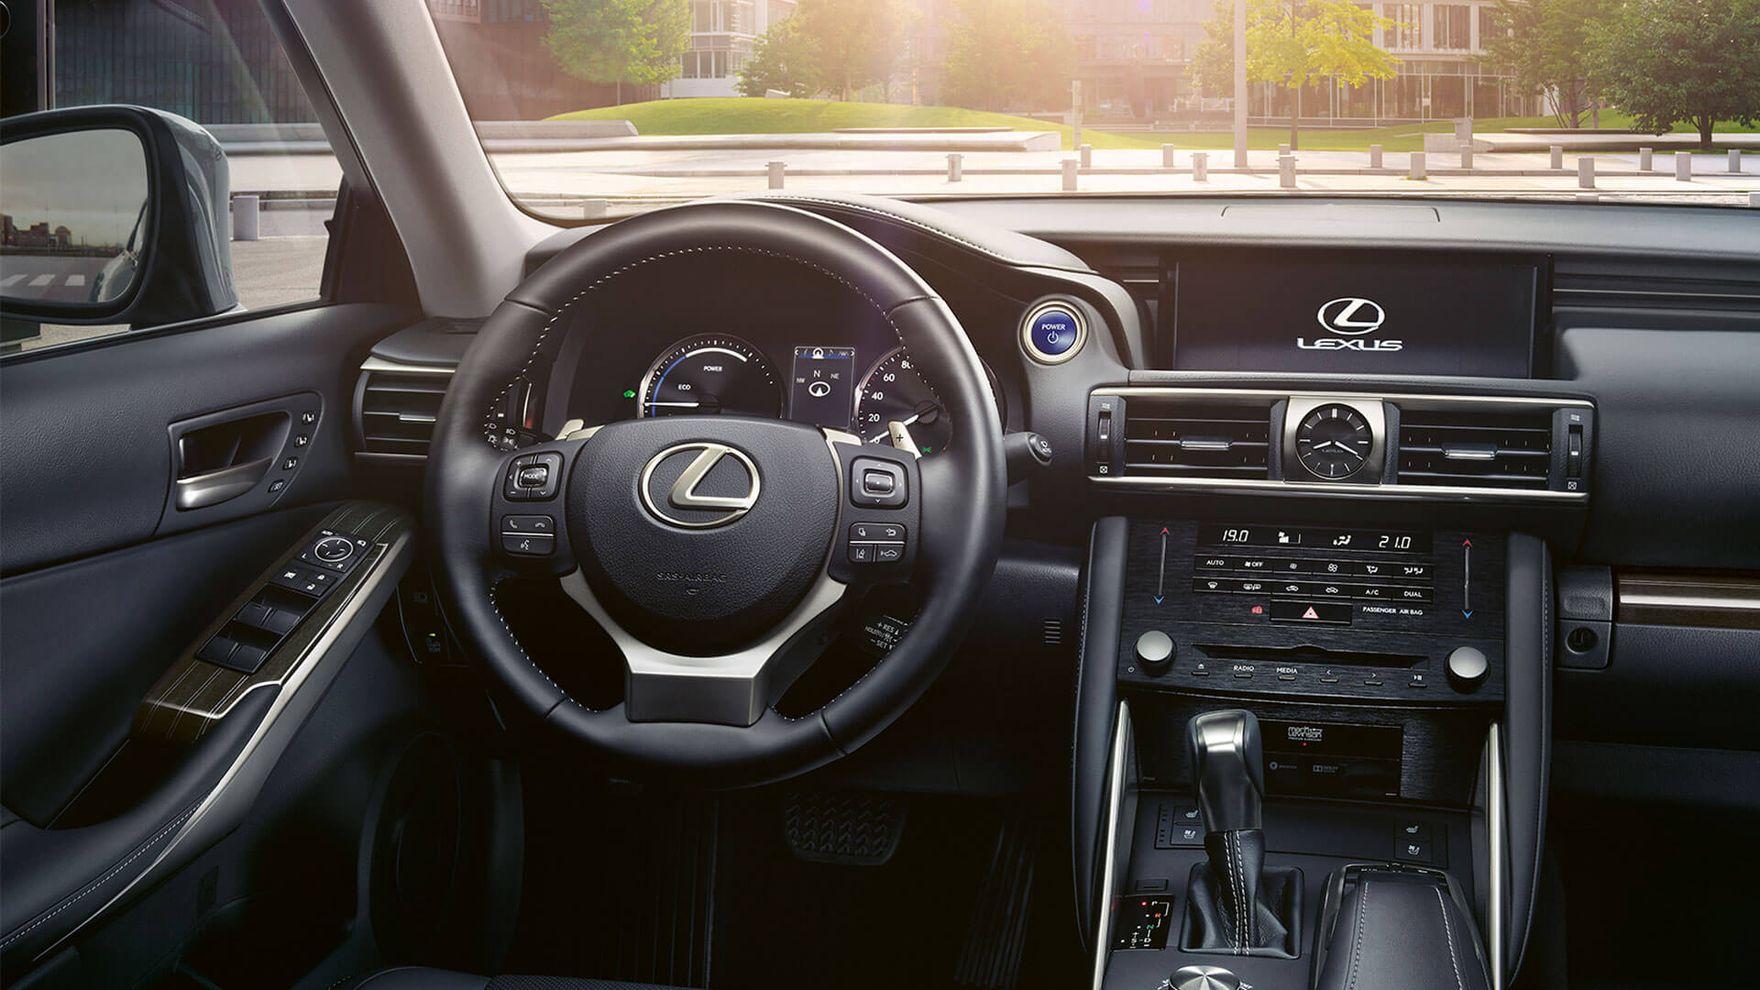 Lexus w dobrej cenie. Oferta jest wyjątkowo kusząca - dokładnie ją sprawdziliśmy